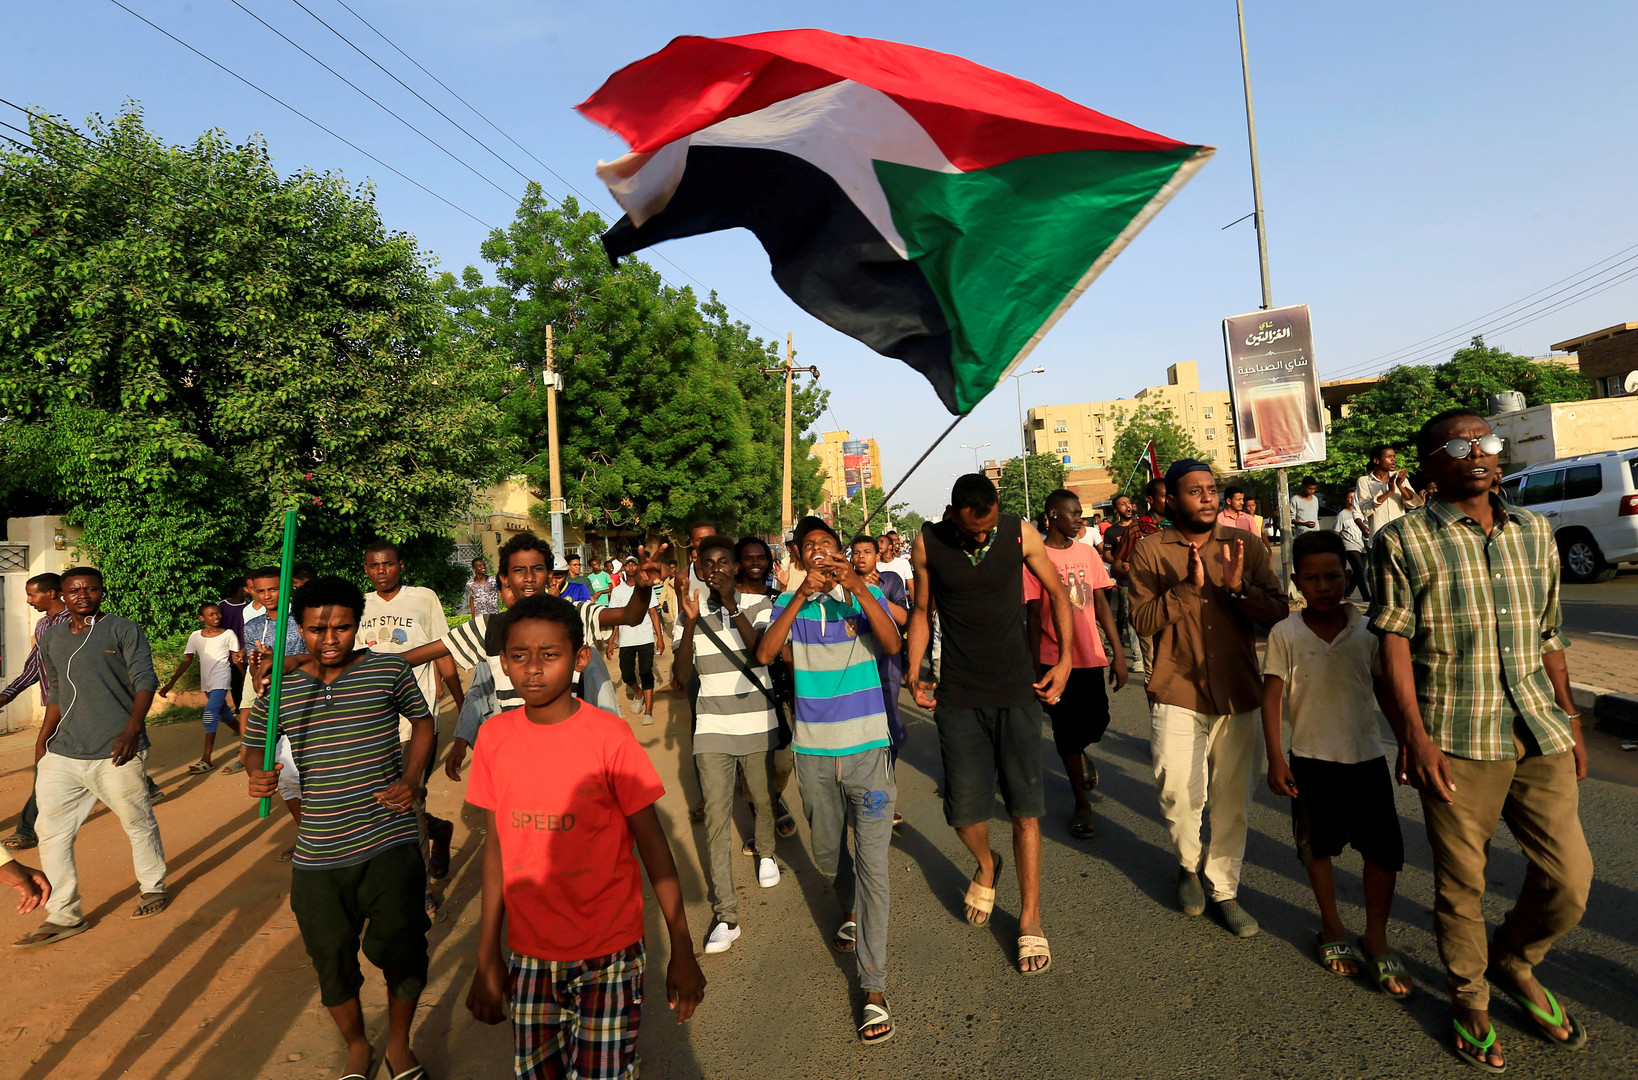 مقتل5 متظاهرين بالرصاص الحي في تظاهرات بمدينة الأبيض غرب السودان (فيديو)